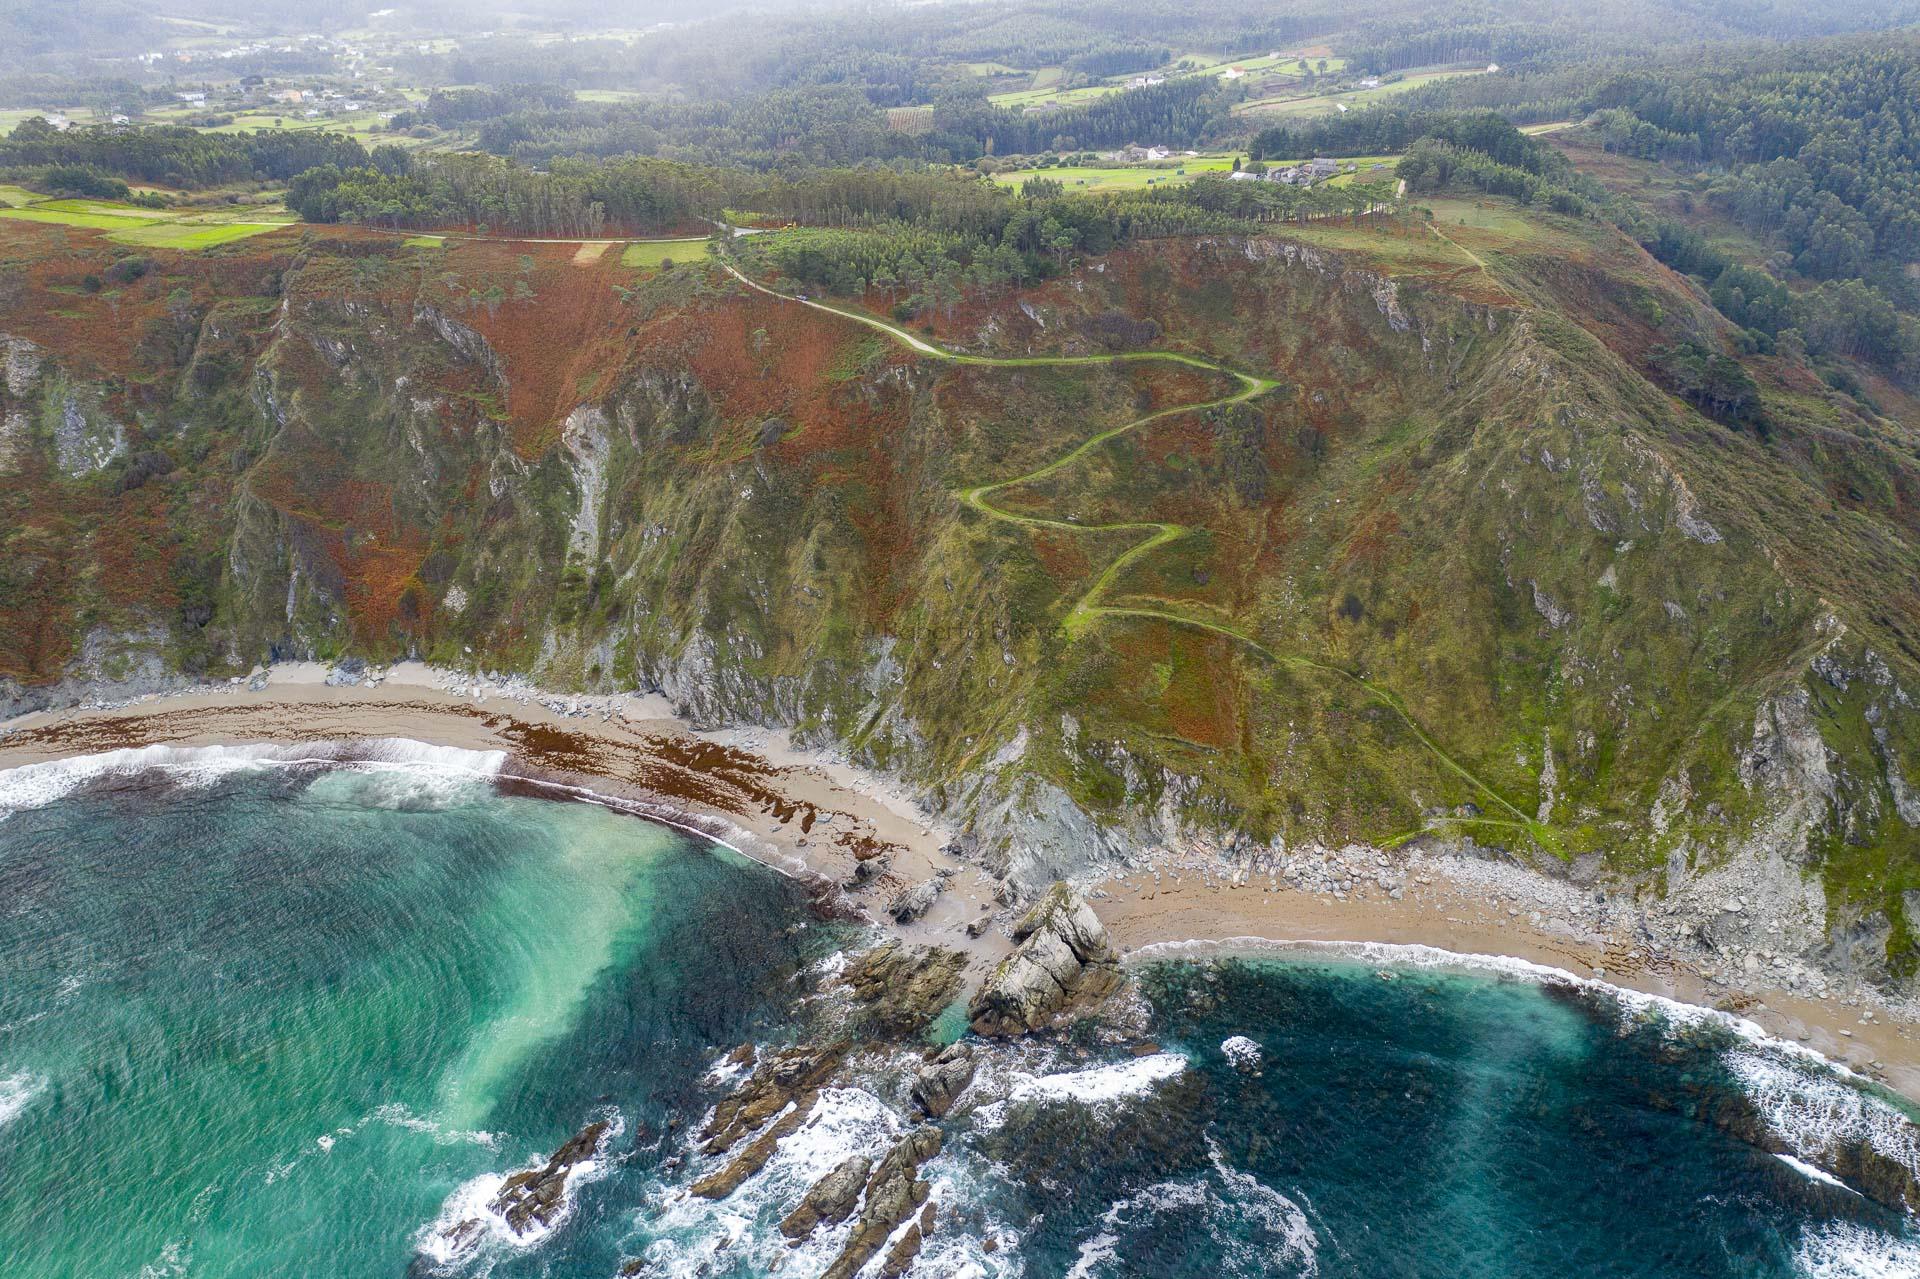 Sendero a la playa - Desde el aire 2 - Roberto Bueno - Fotografía de Naturaleza - Luces del Planeta - Desde el aire